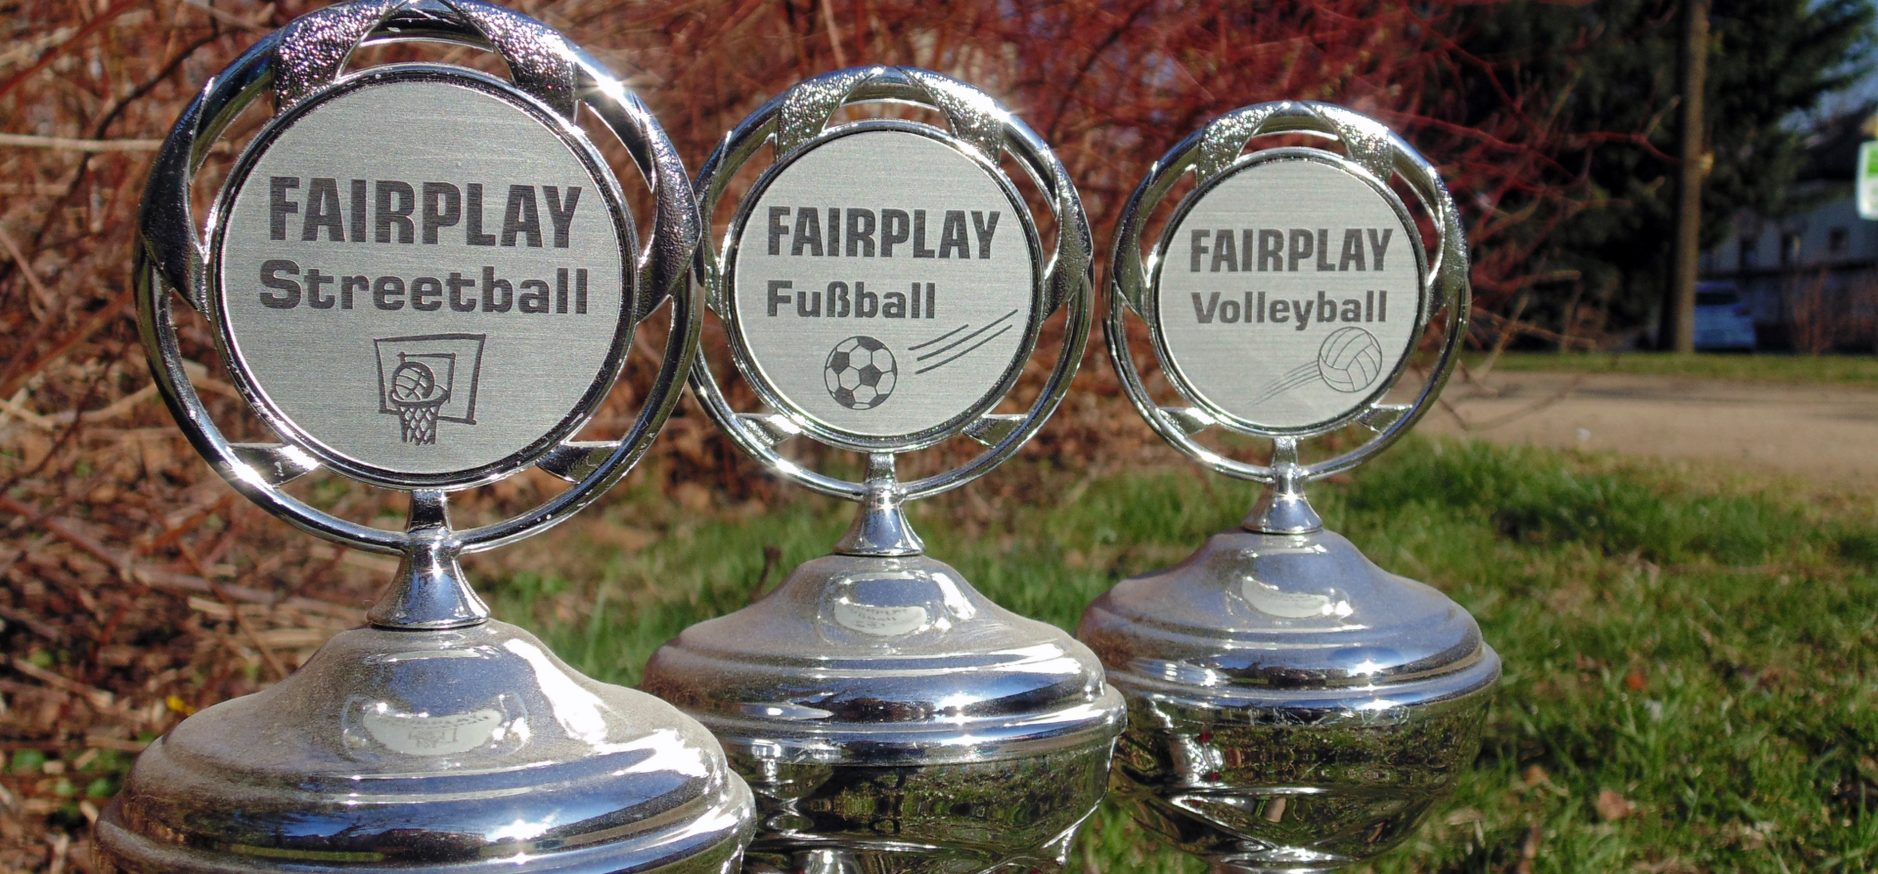 Jetzt anmelden für FAIRplay Turniere